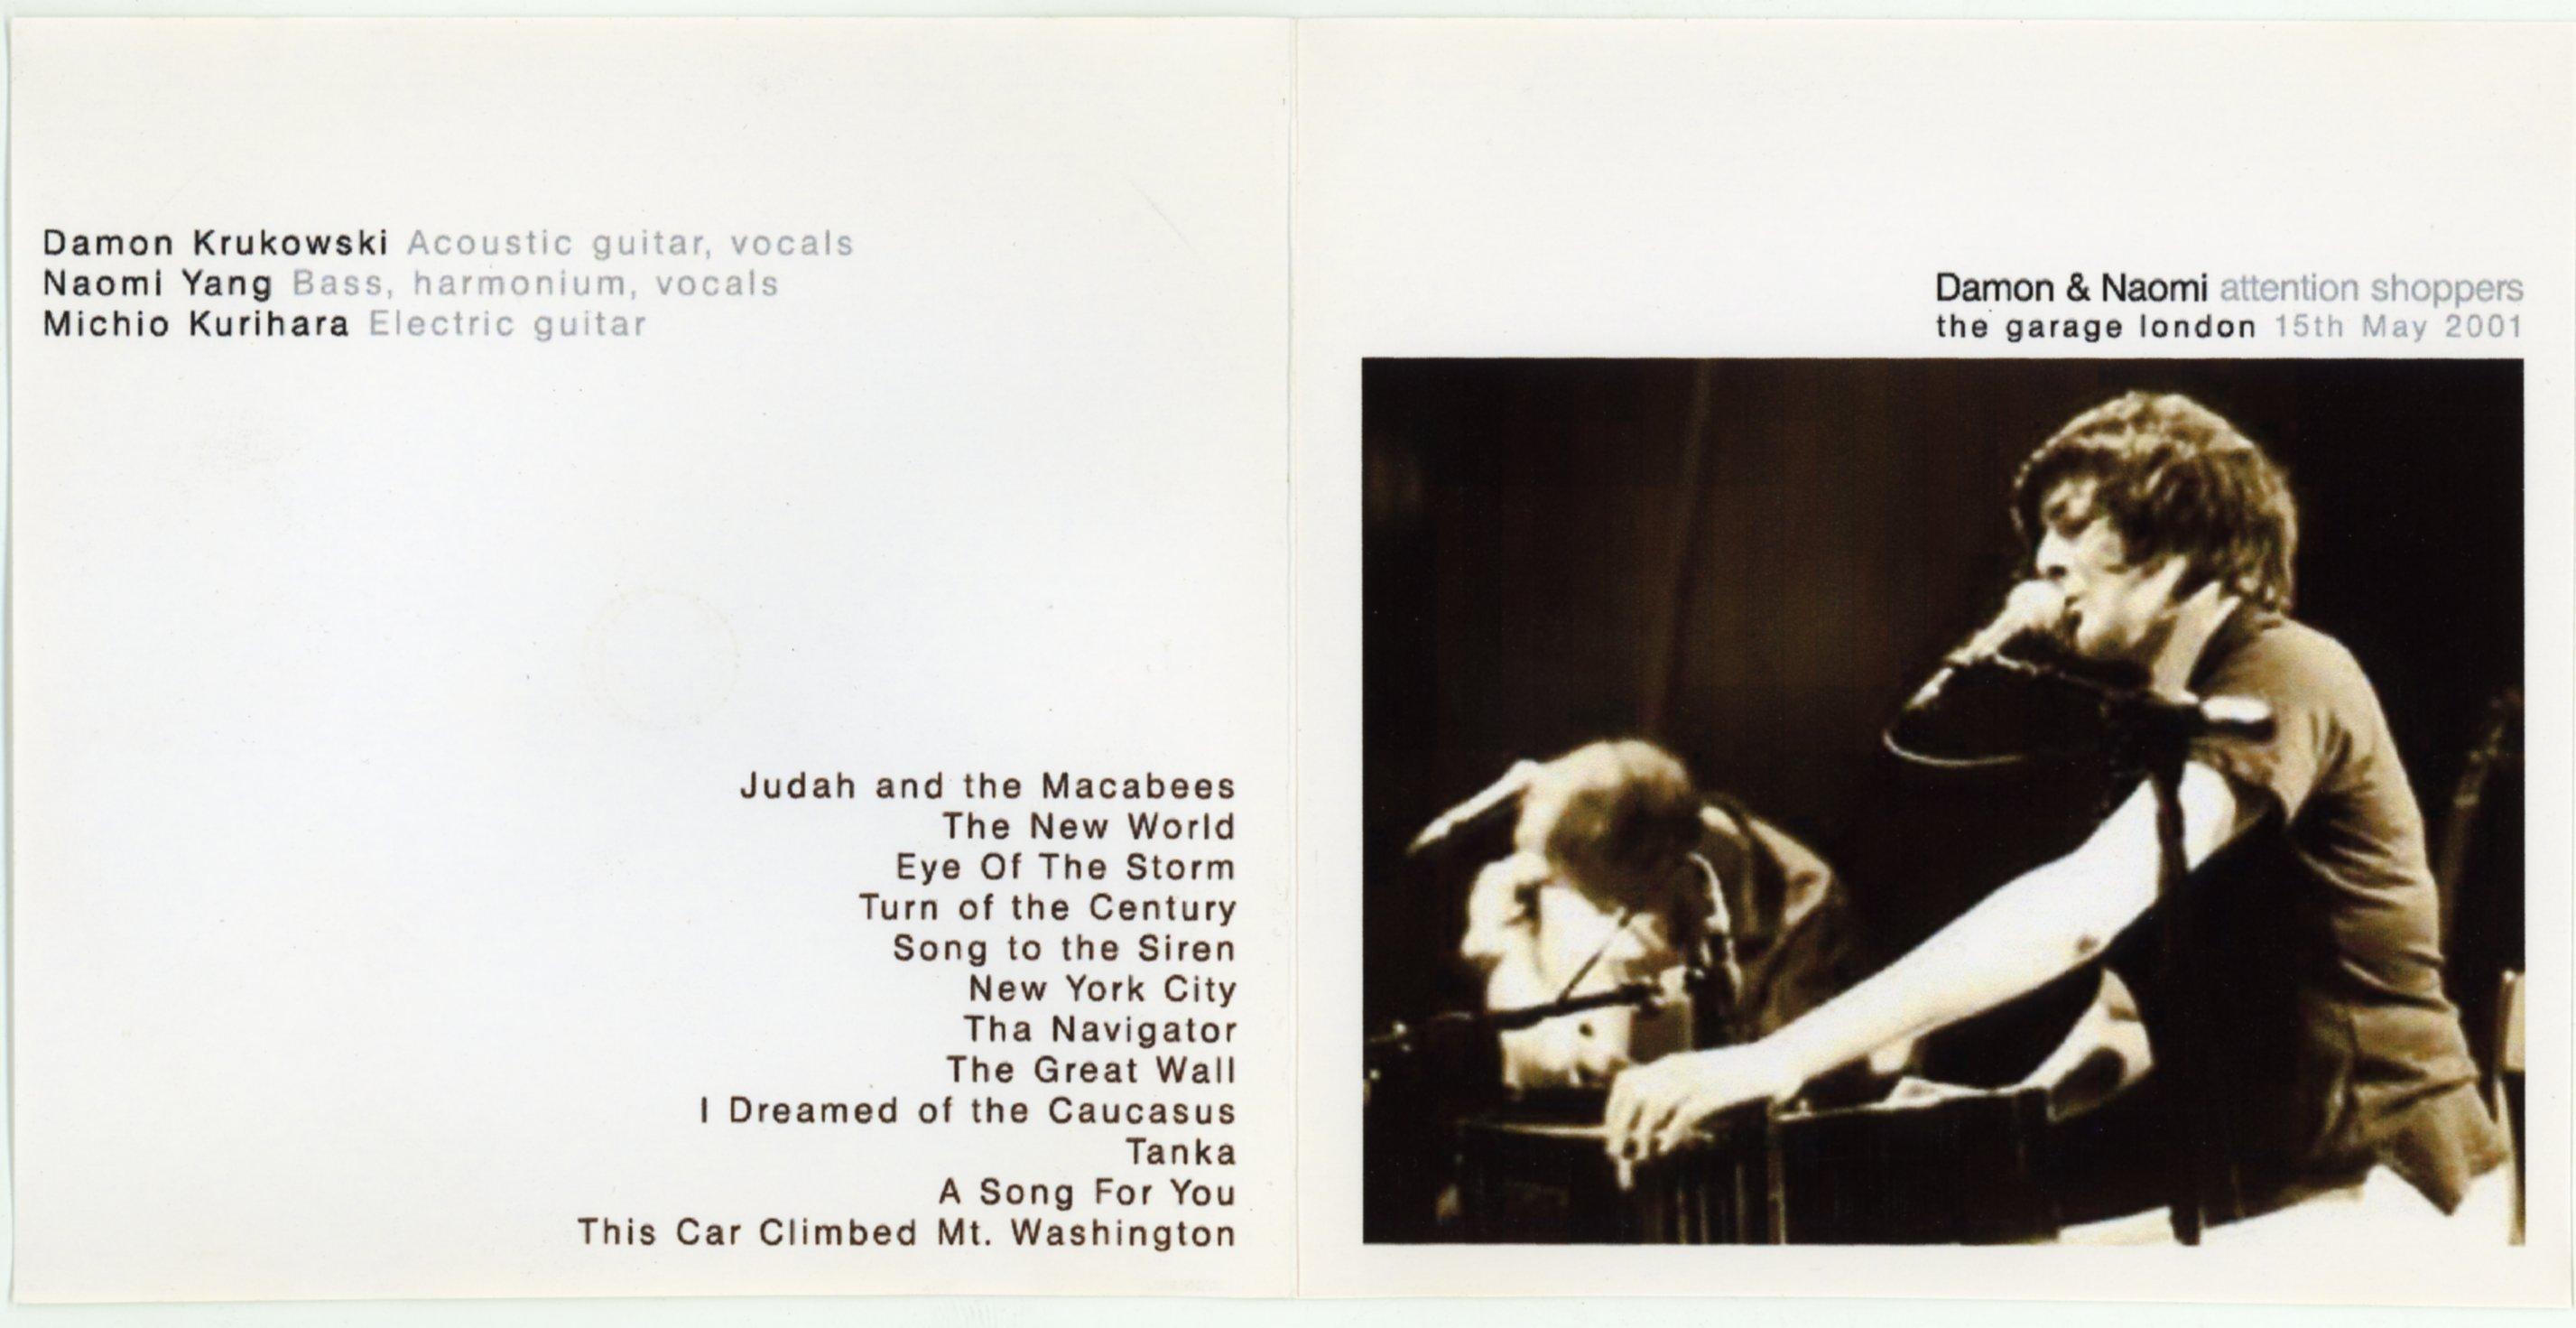 CD booklet for Damon & Naomi in London 2001